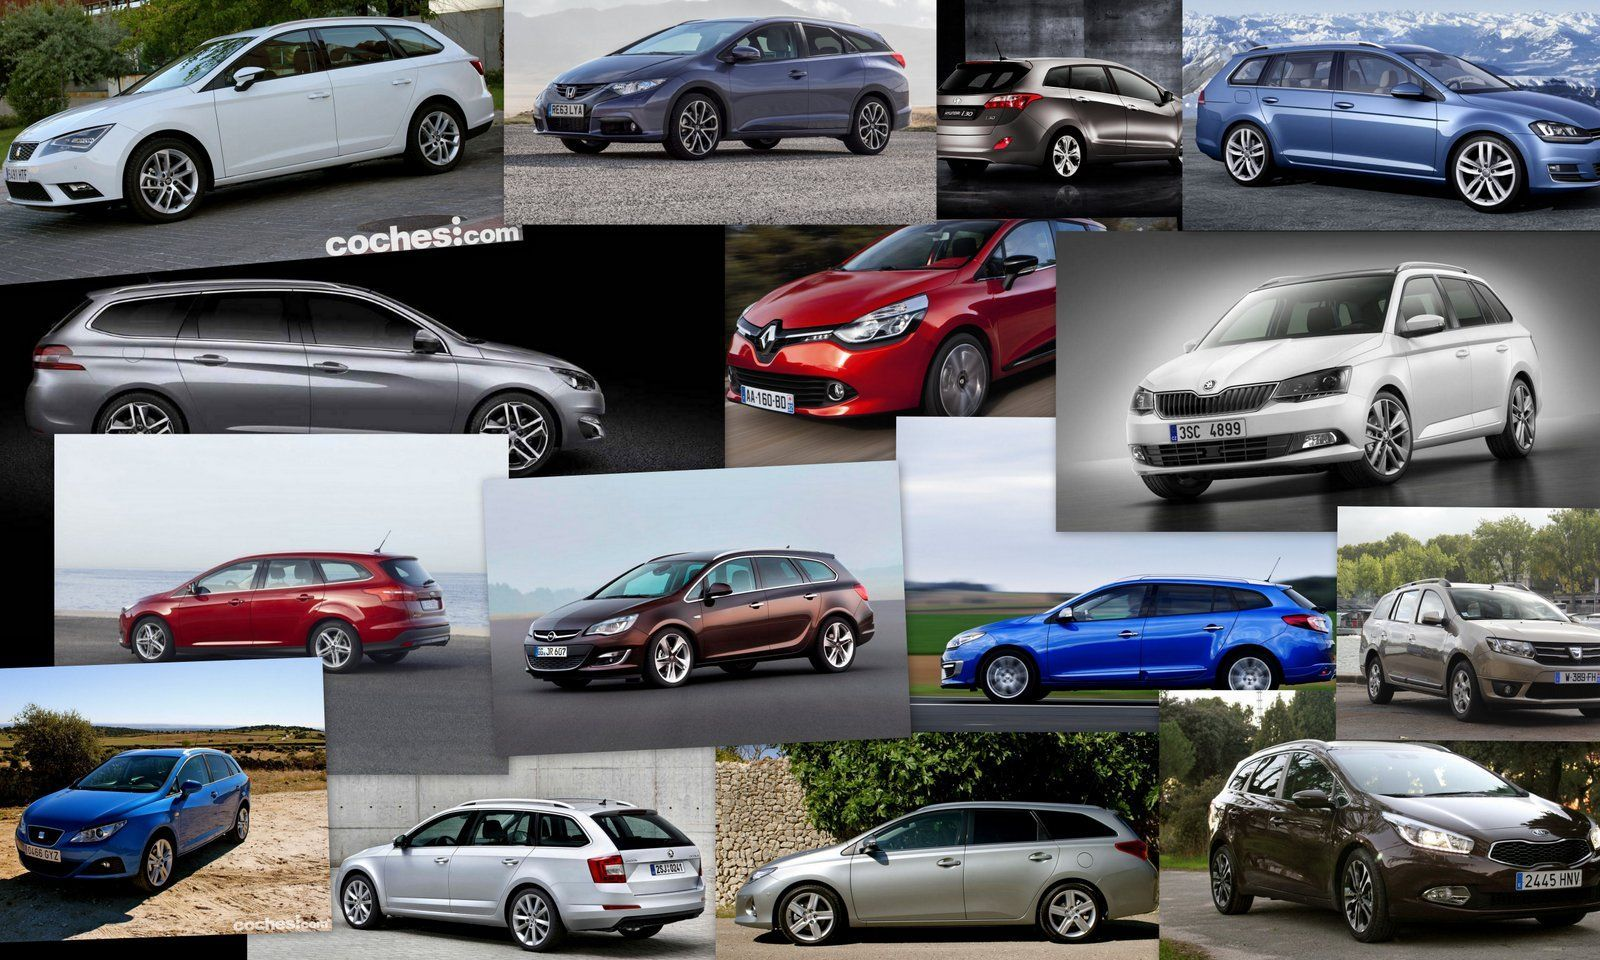 1540 - ¿Qué coche te pega más?